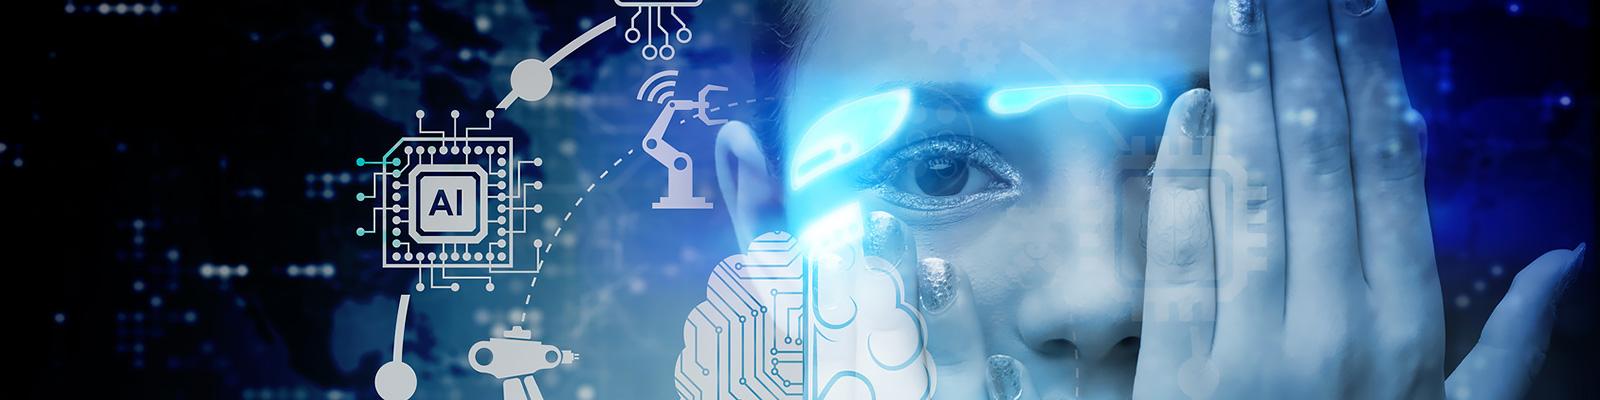 AI 人間 イメージ